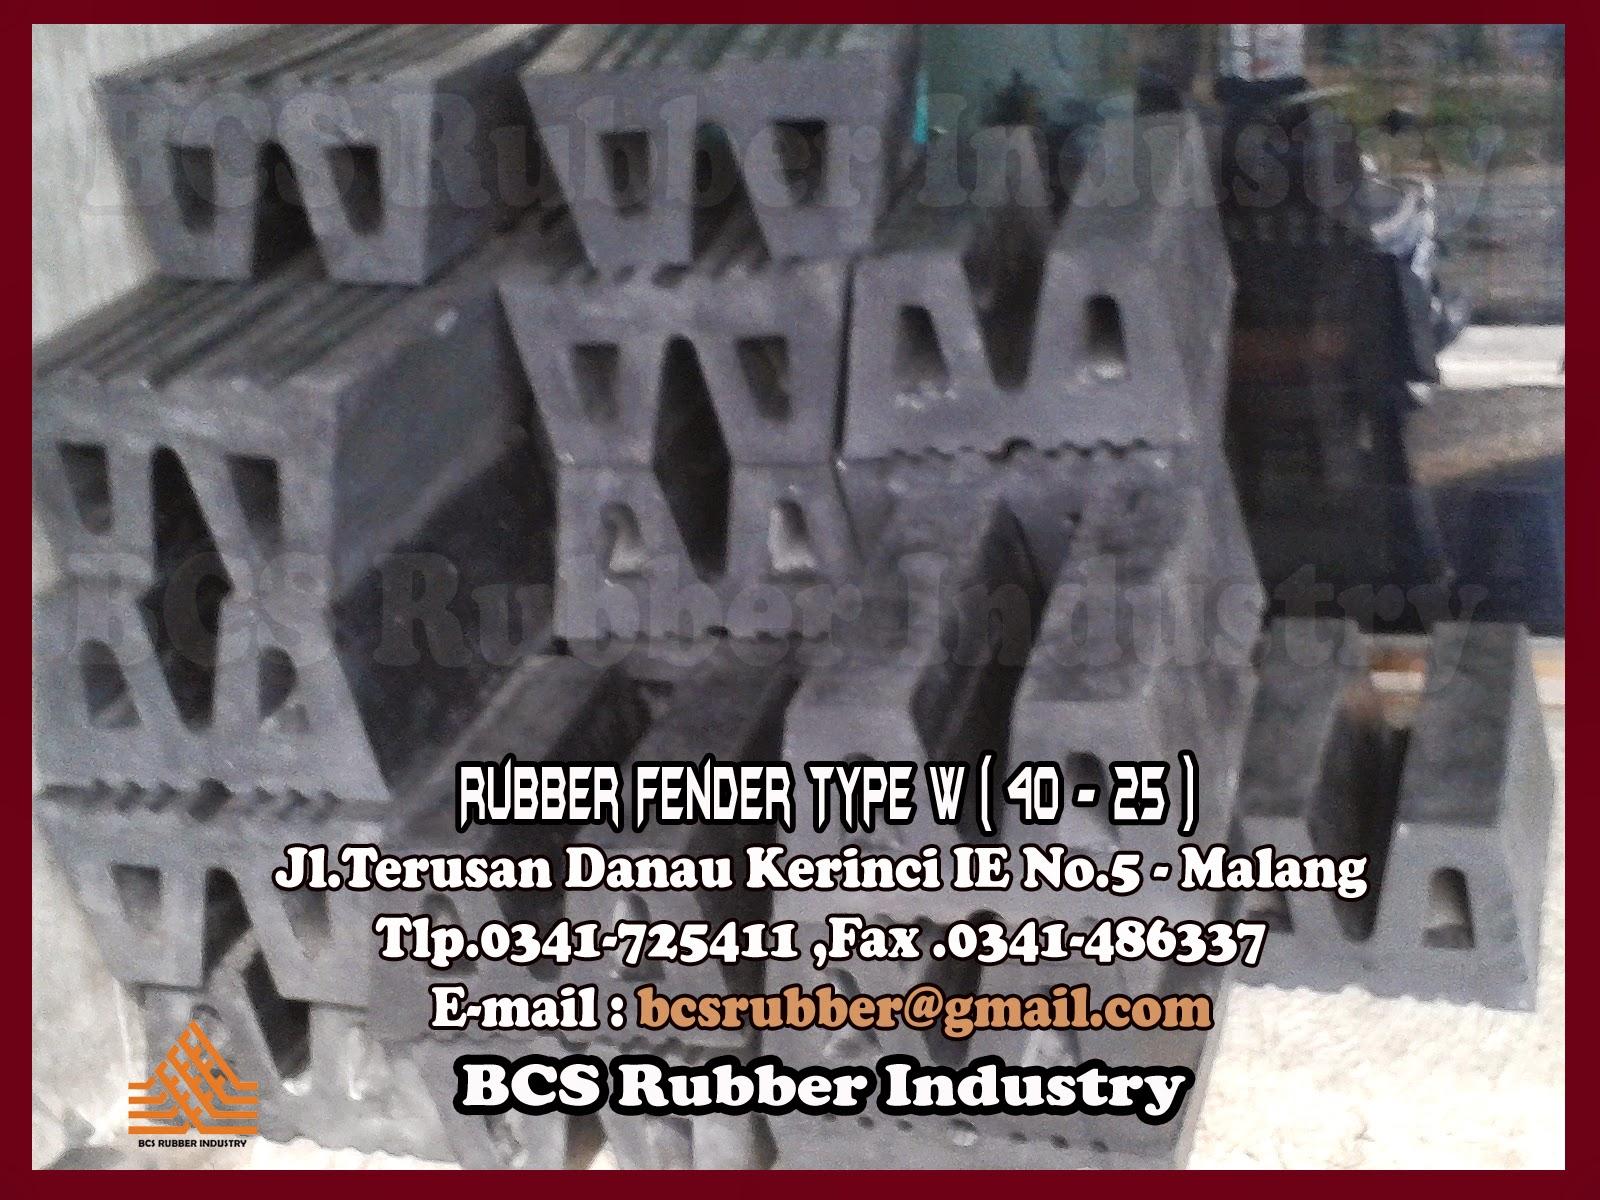 Rubber Fender , Rubber Fender W,Rubber Fender Type W, Rubber Fender W Dermaga , Rubber Fender W Kapal, Karet Rubber Fender W,Jual Karet rubber Fender W, Rubber Fender.